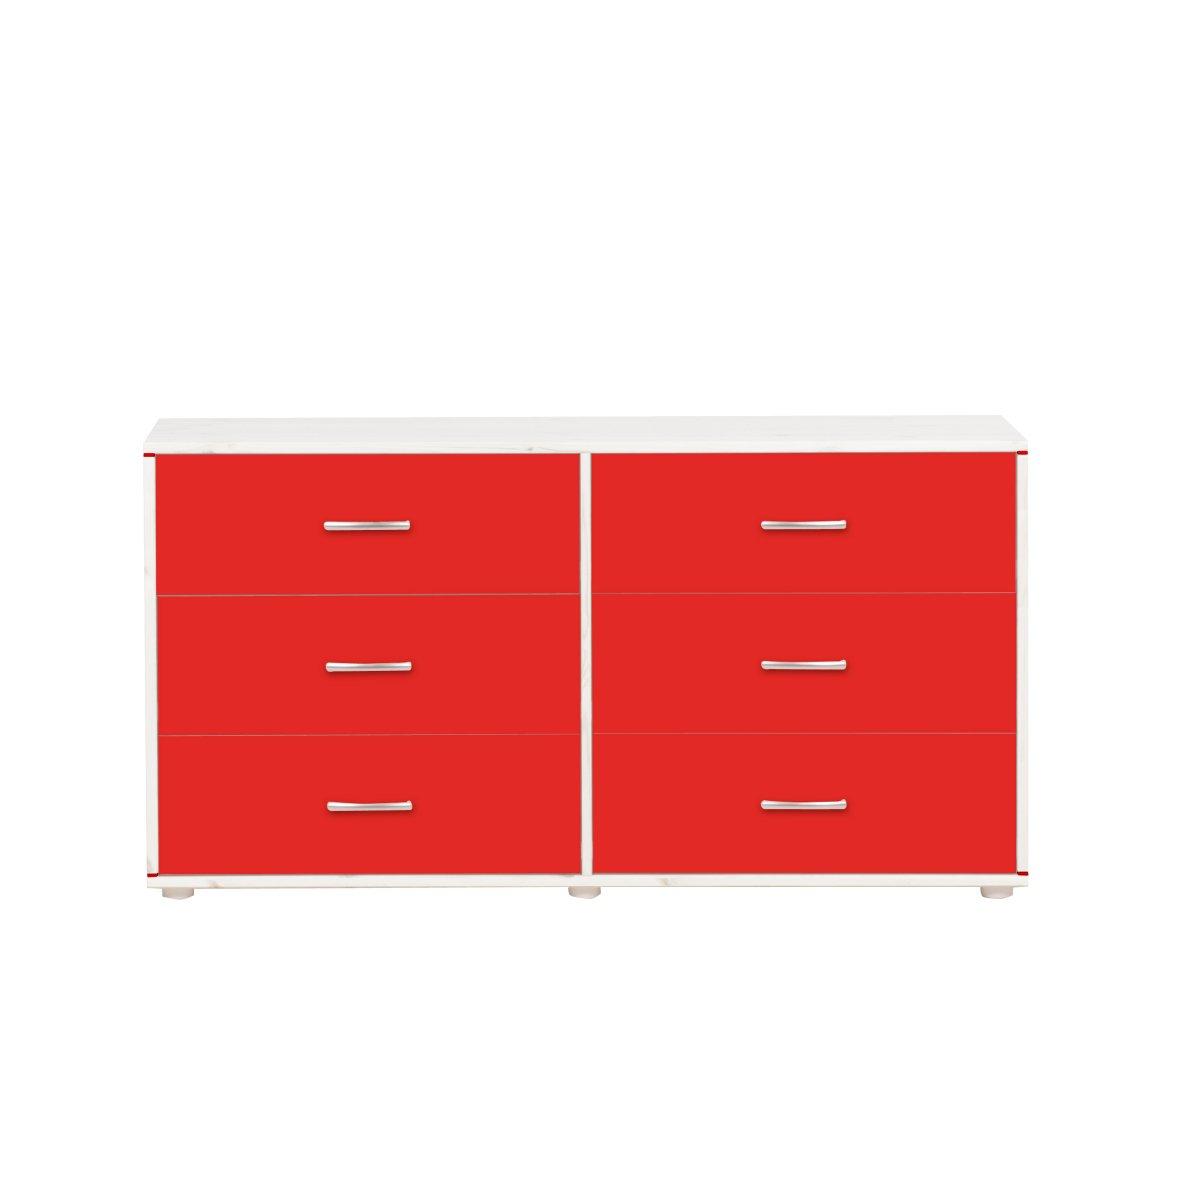 Pin Nyvoll Kommode Mit 6 Schubladen Hellgrau Weià Ikea on Pinterest